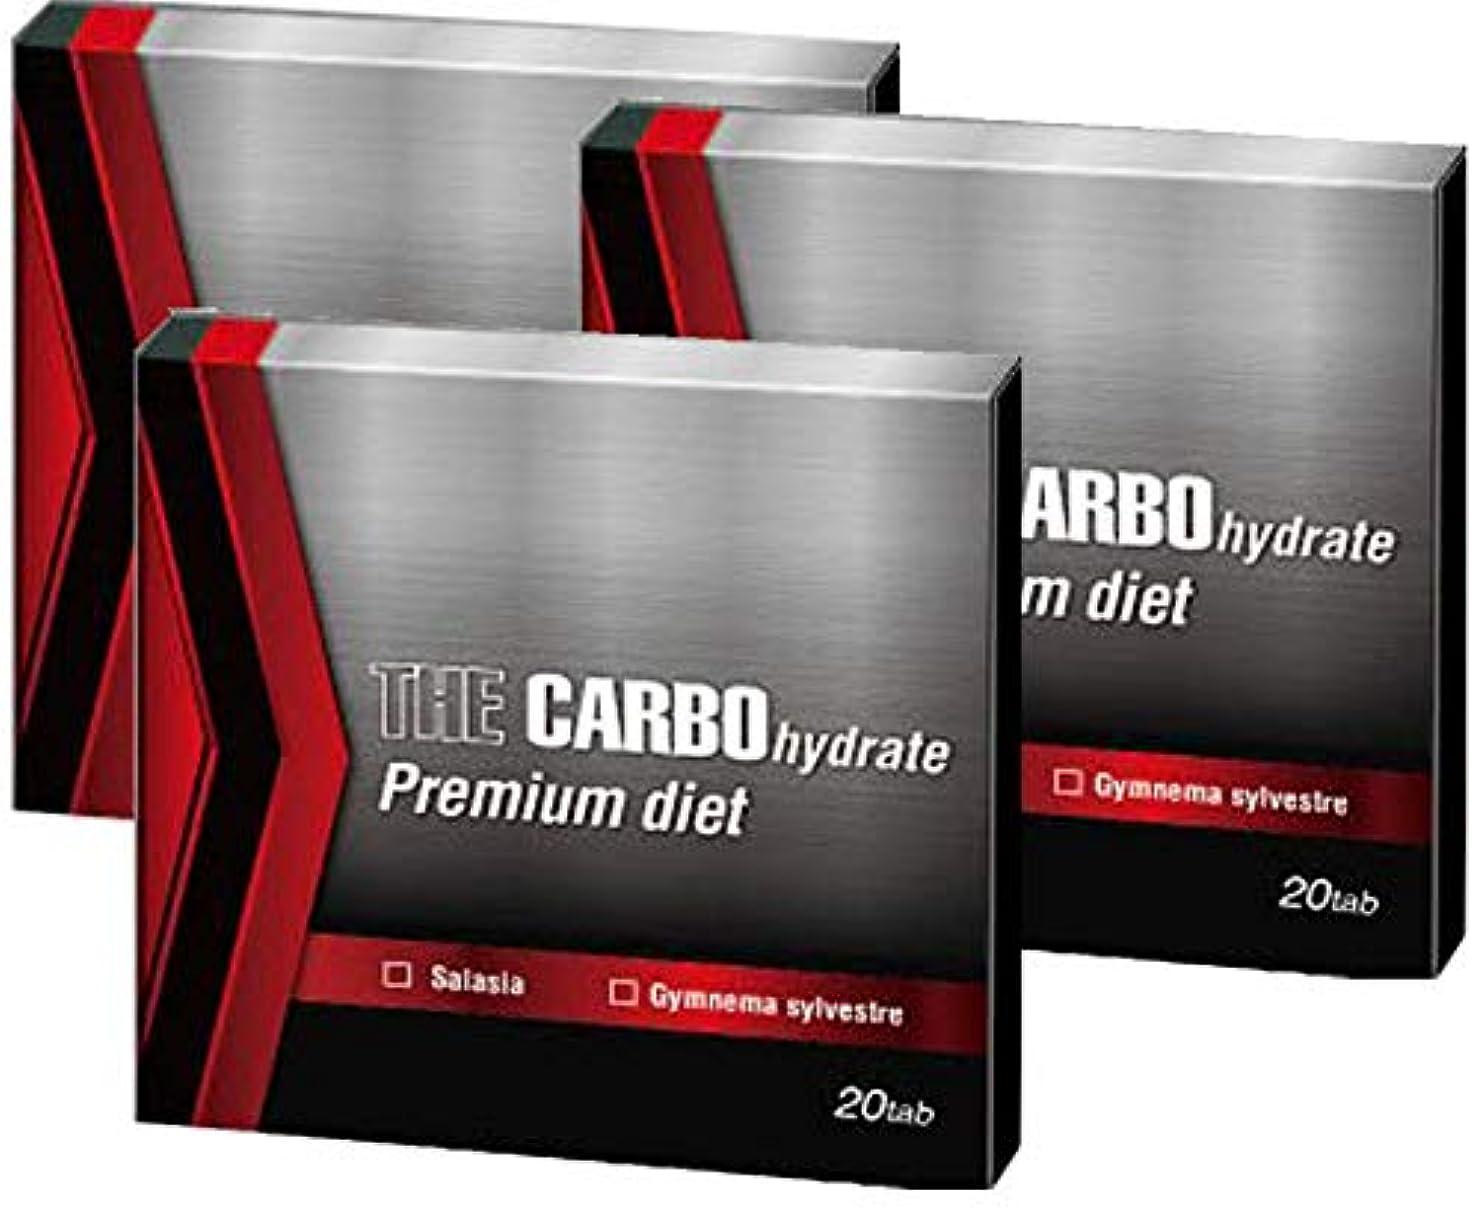 ホールドオール株式物足りないザ?糖質プレミアムダイエット20Tab×3箱セット〔THE CARBO hydrate Premium daiet〕